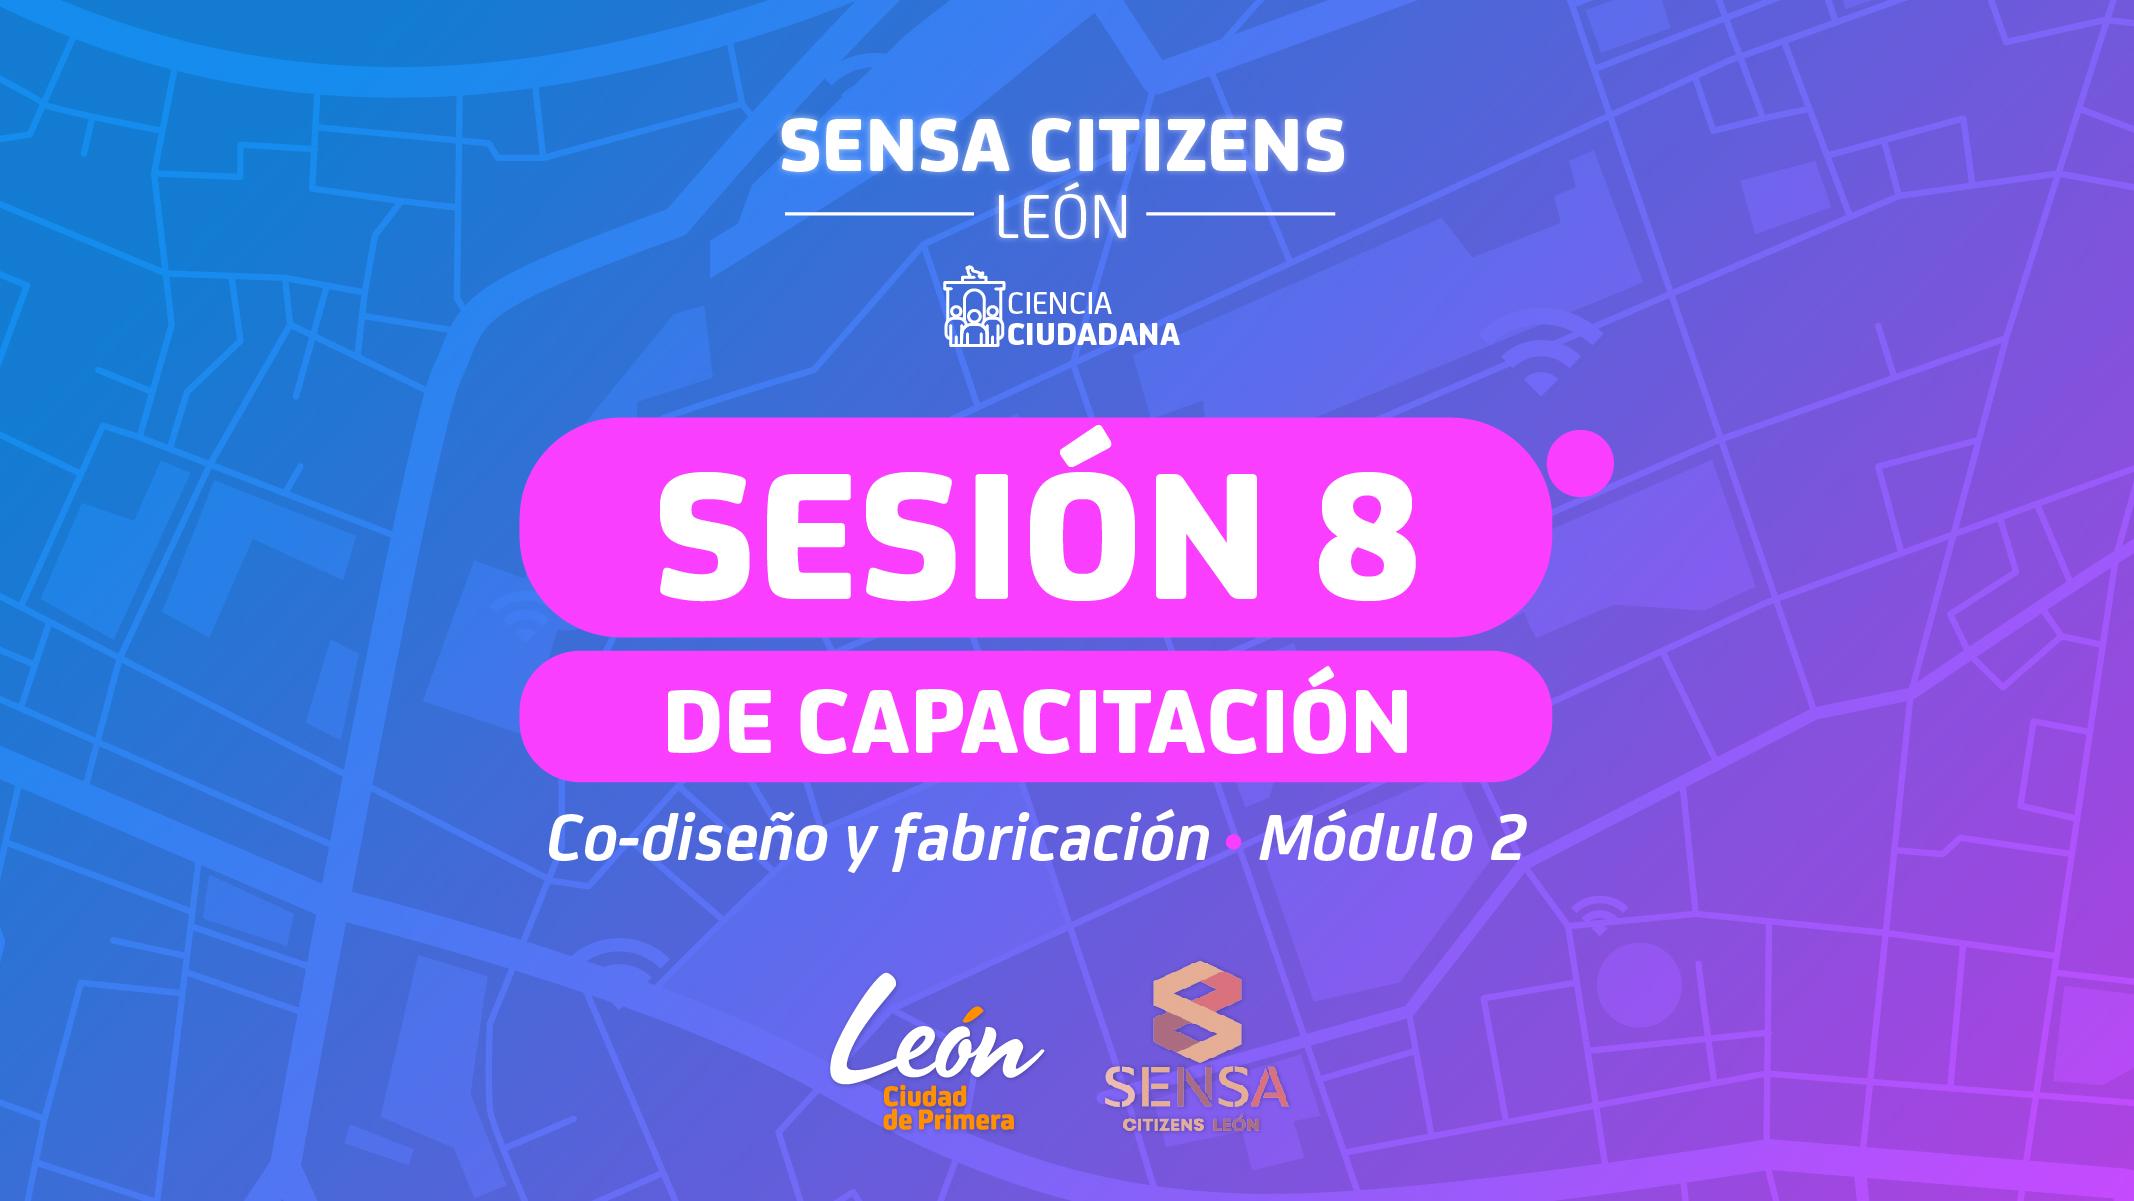 Sesión 8 – Co-diseño y fabricación